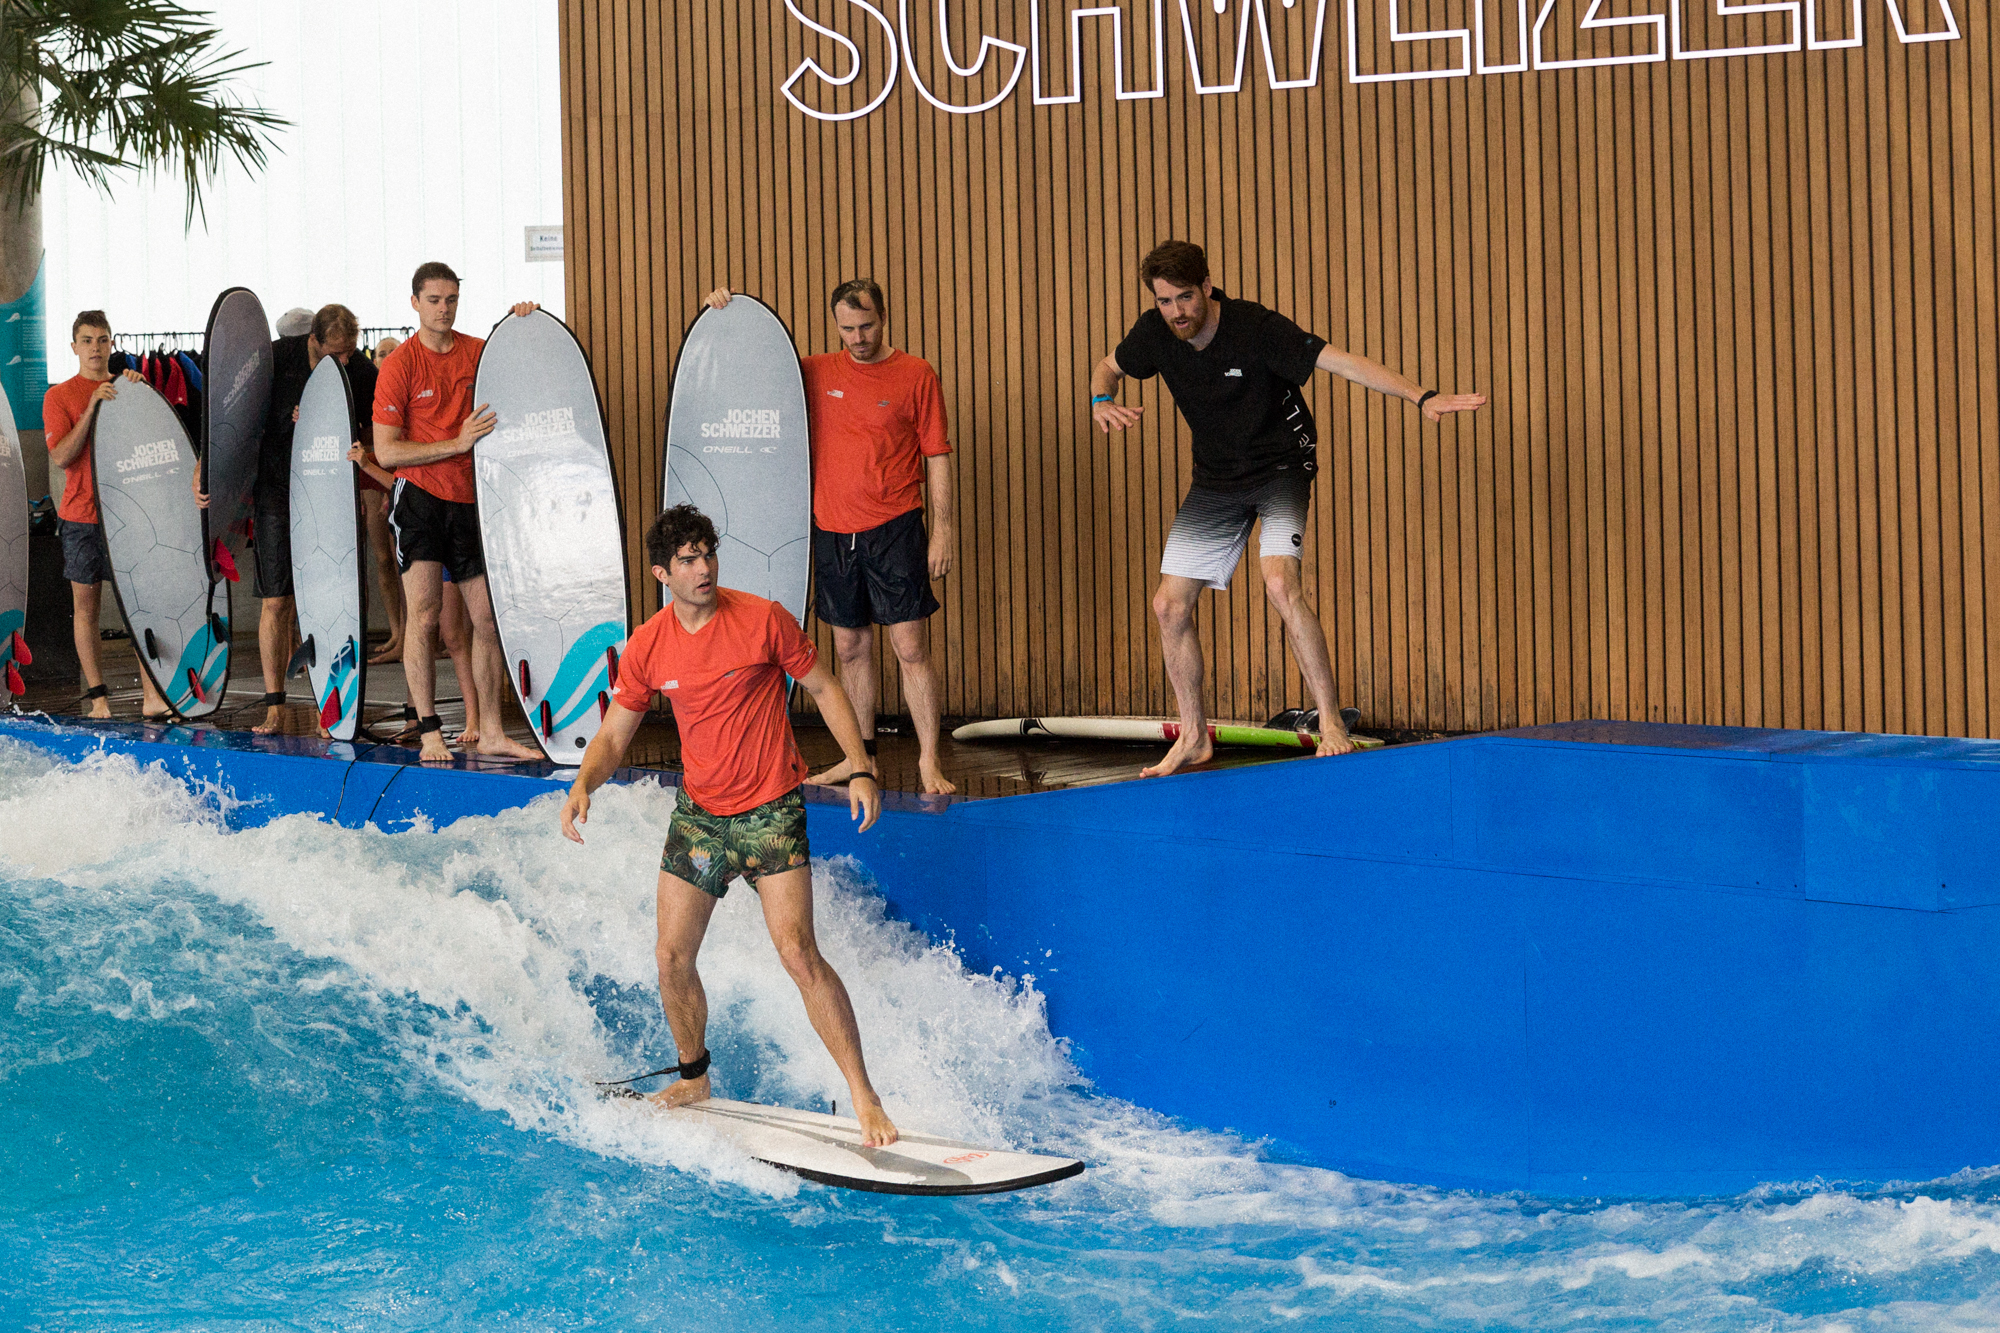 Lufthansa_MaxaMünchen_Day1_surf_inomhus.jpg